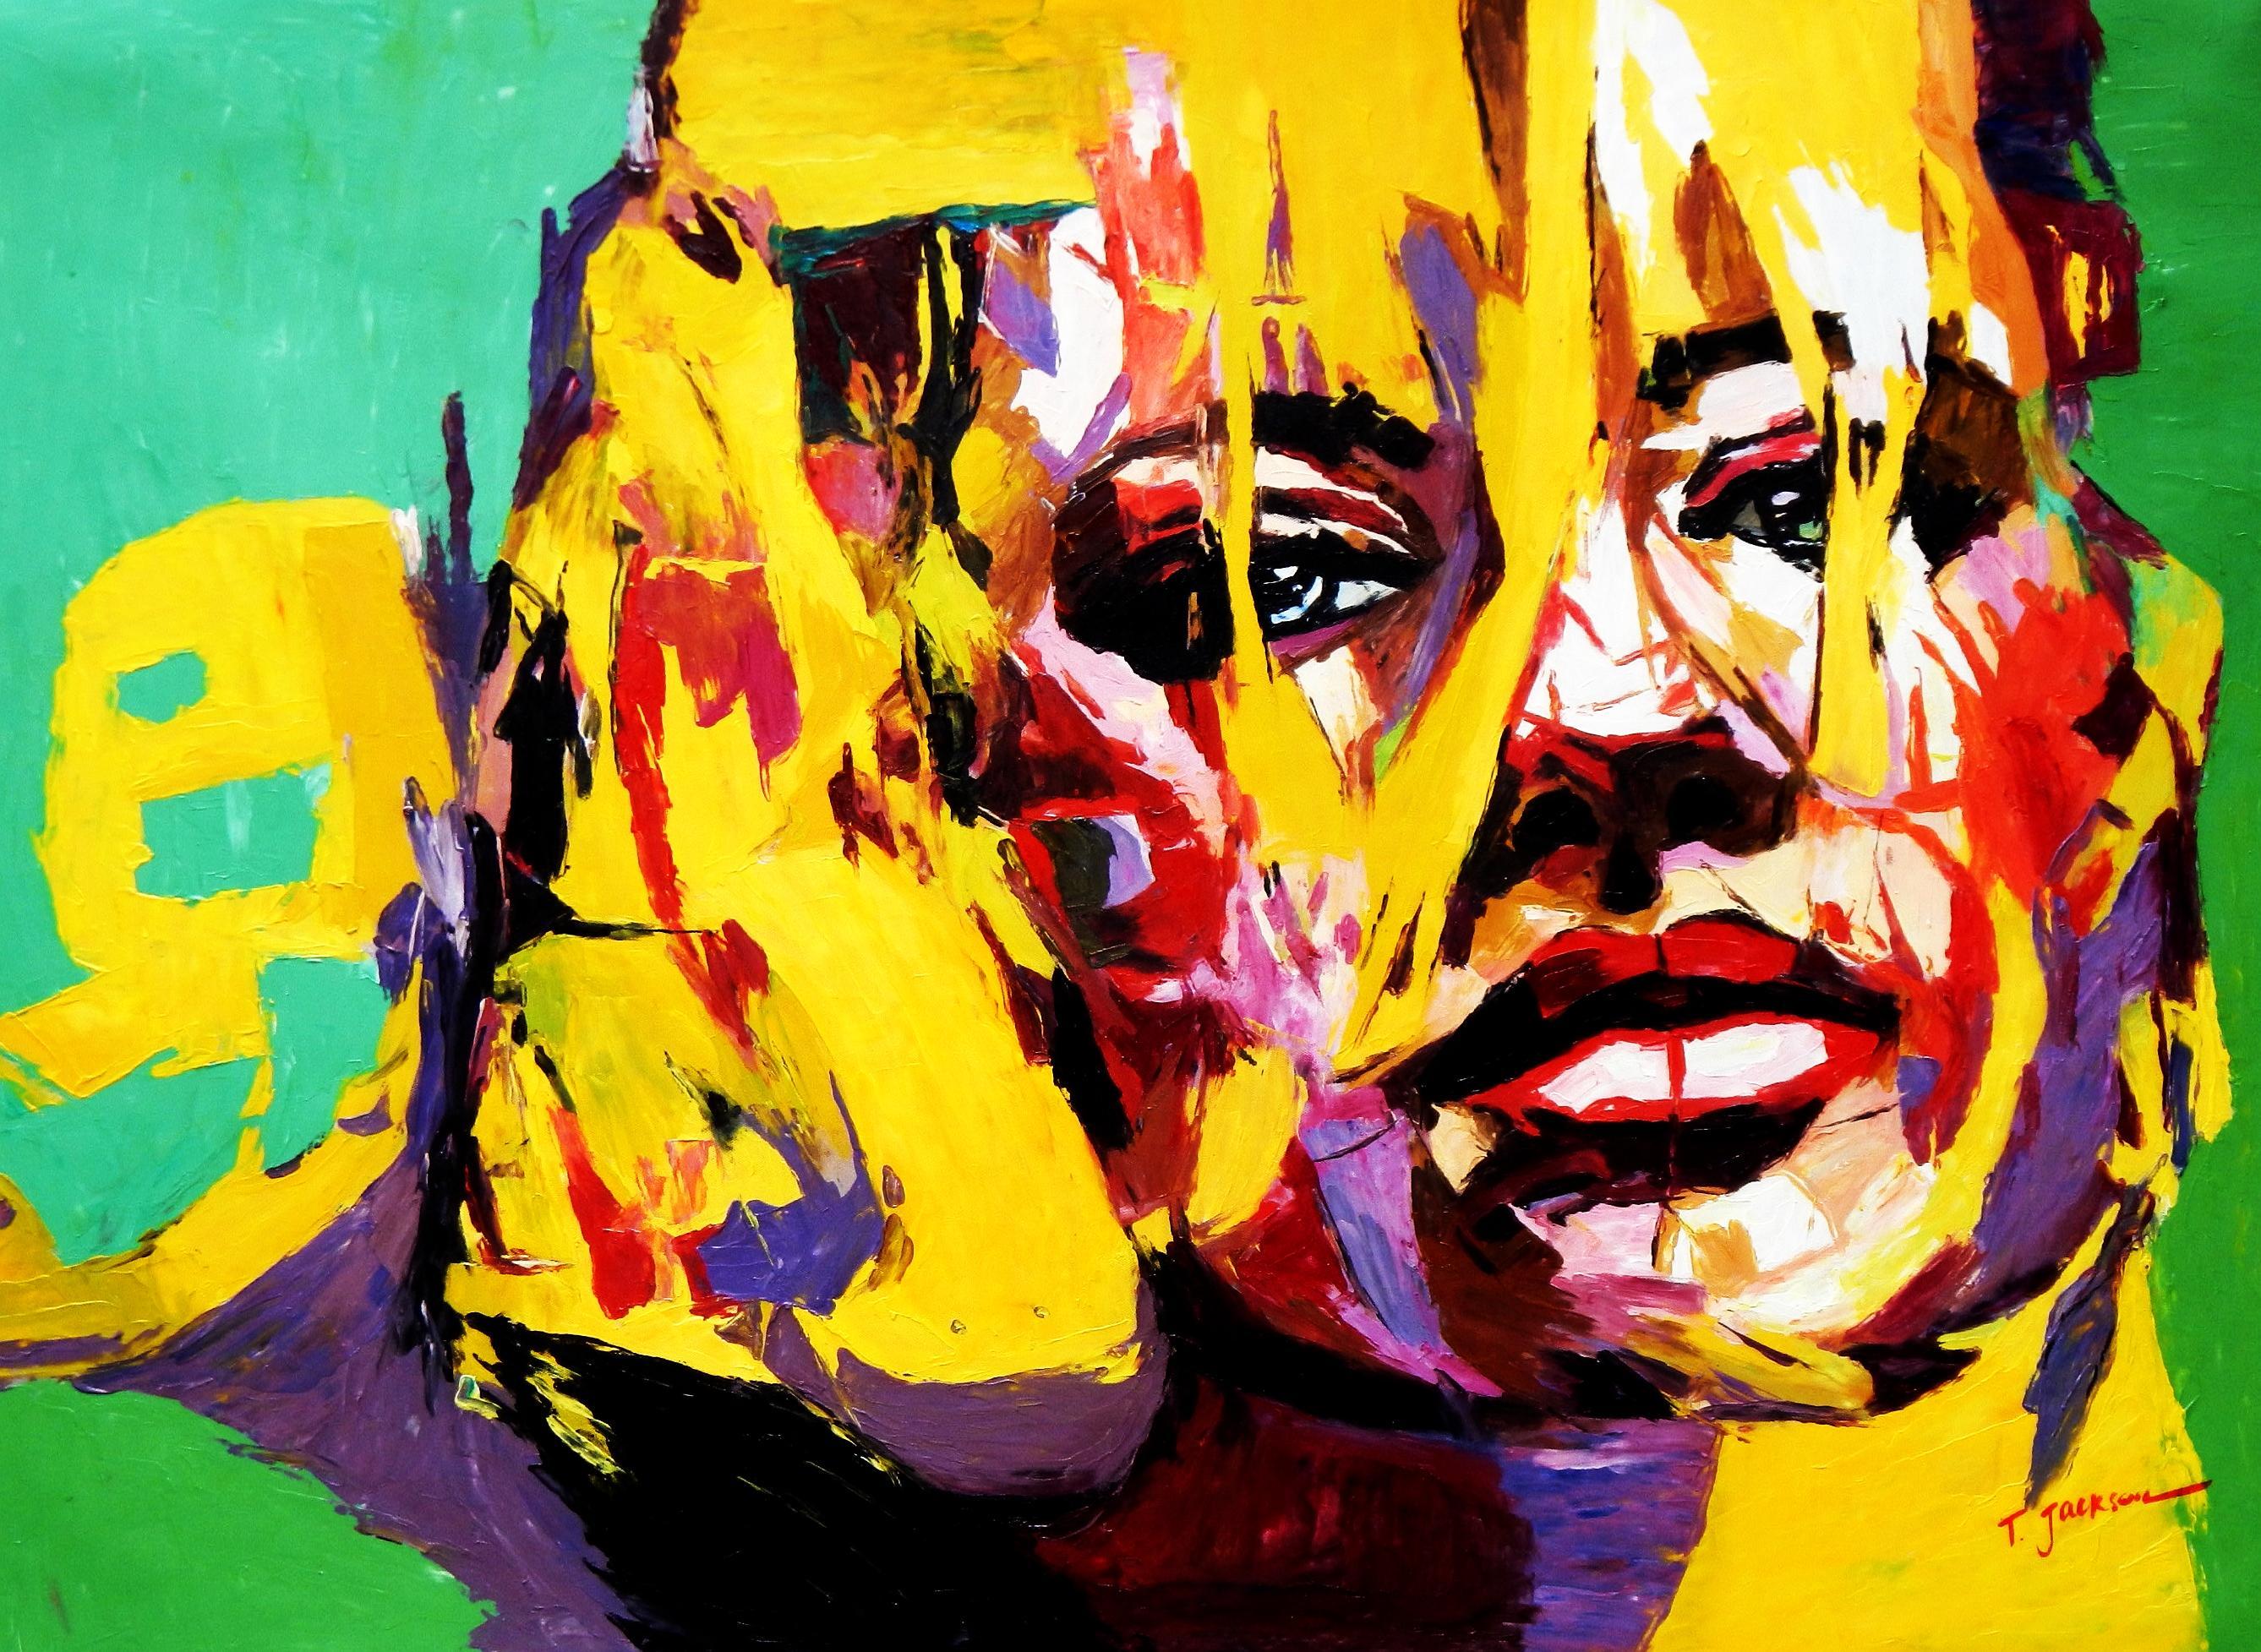 Modern Art - Die Intuition i92395 80x110cm abstraktes Ölbild handgemalt